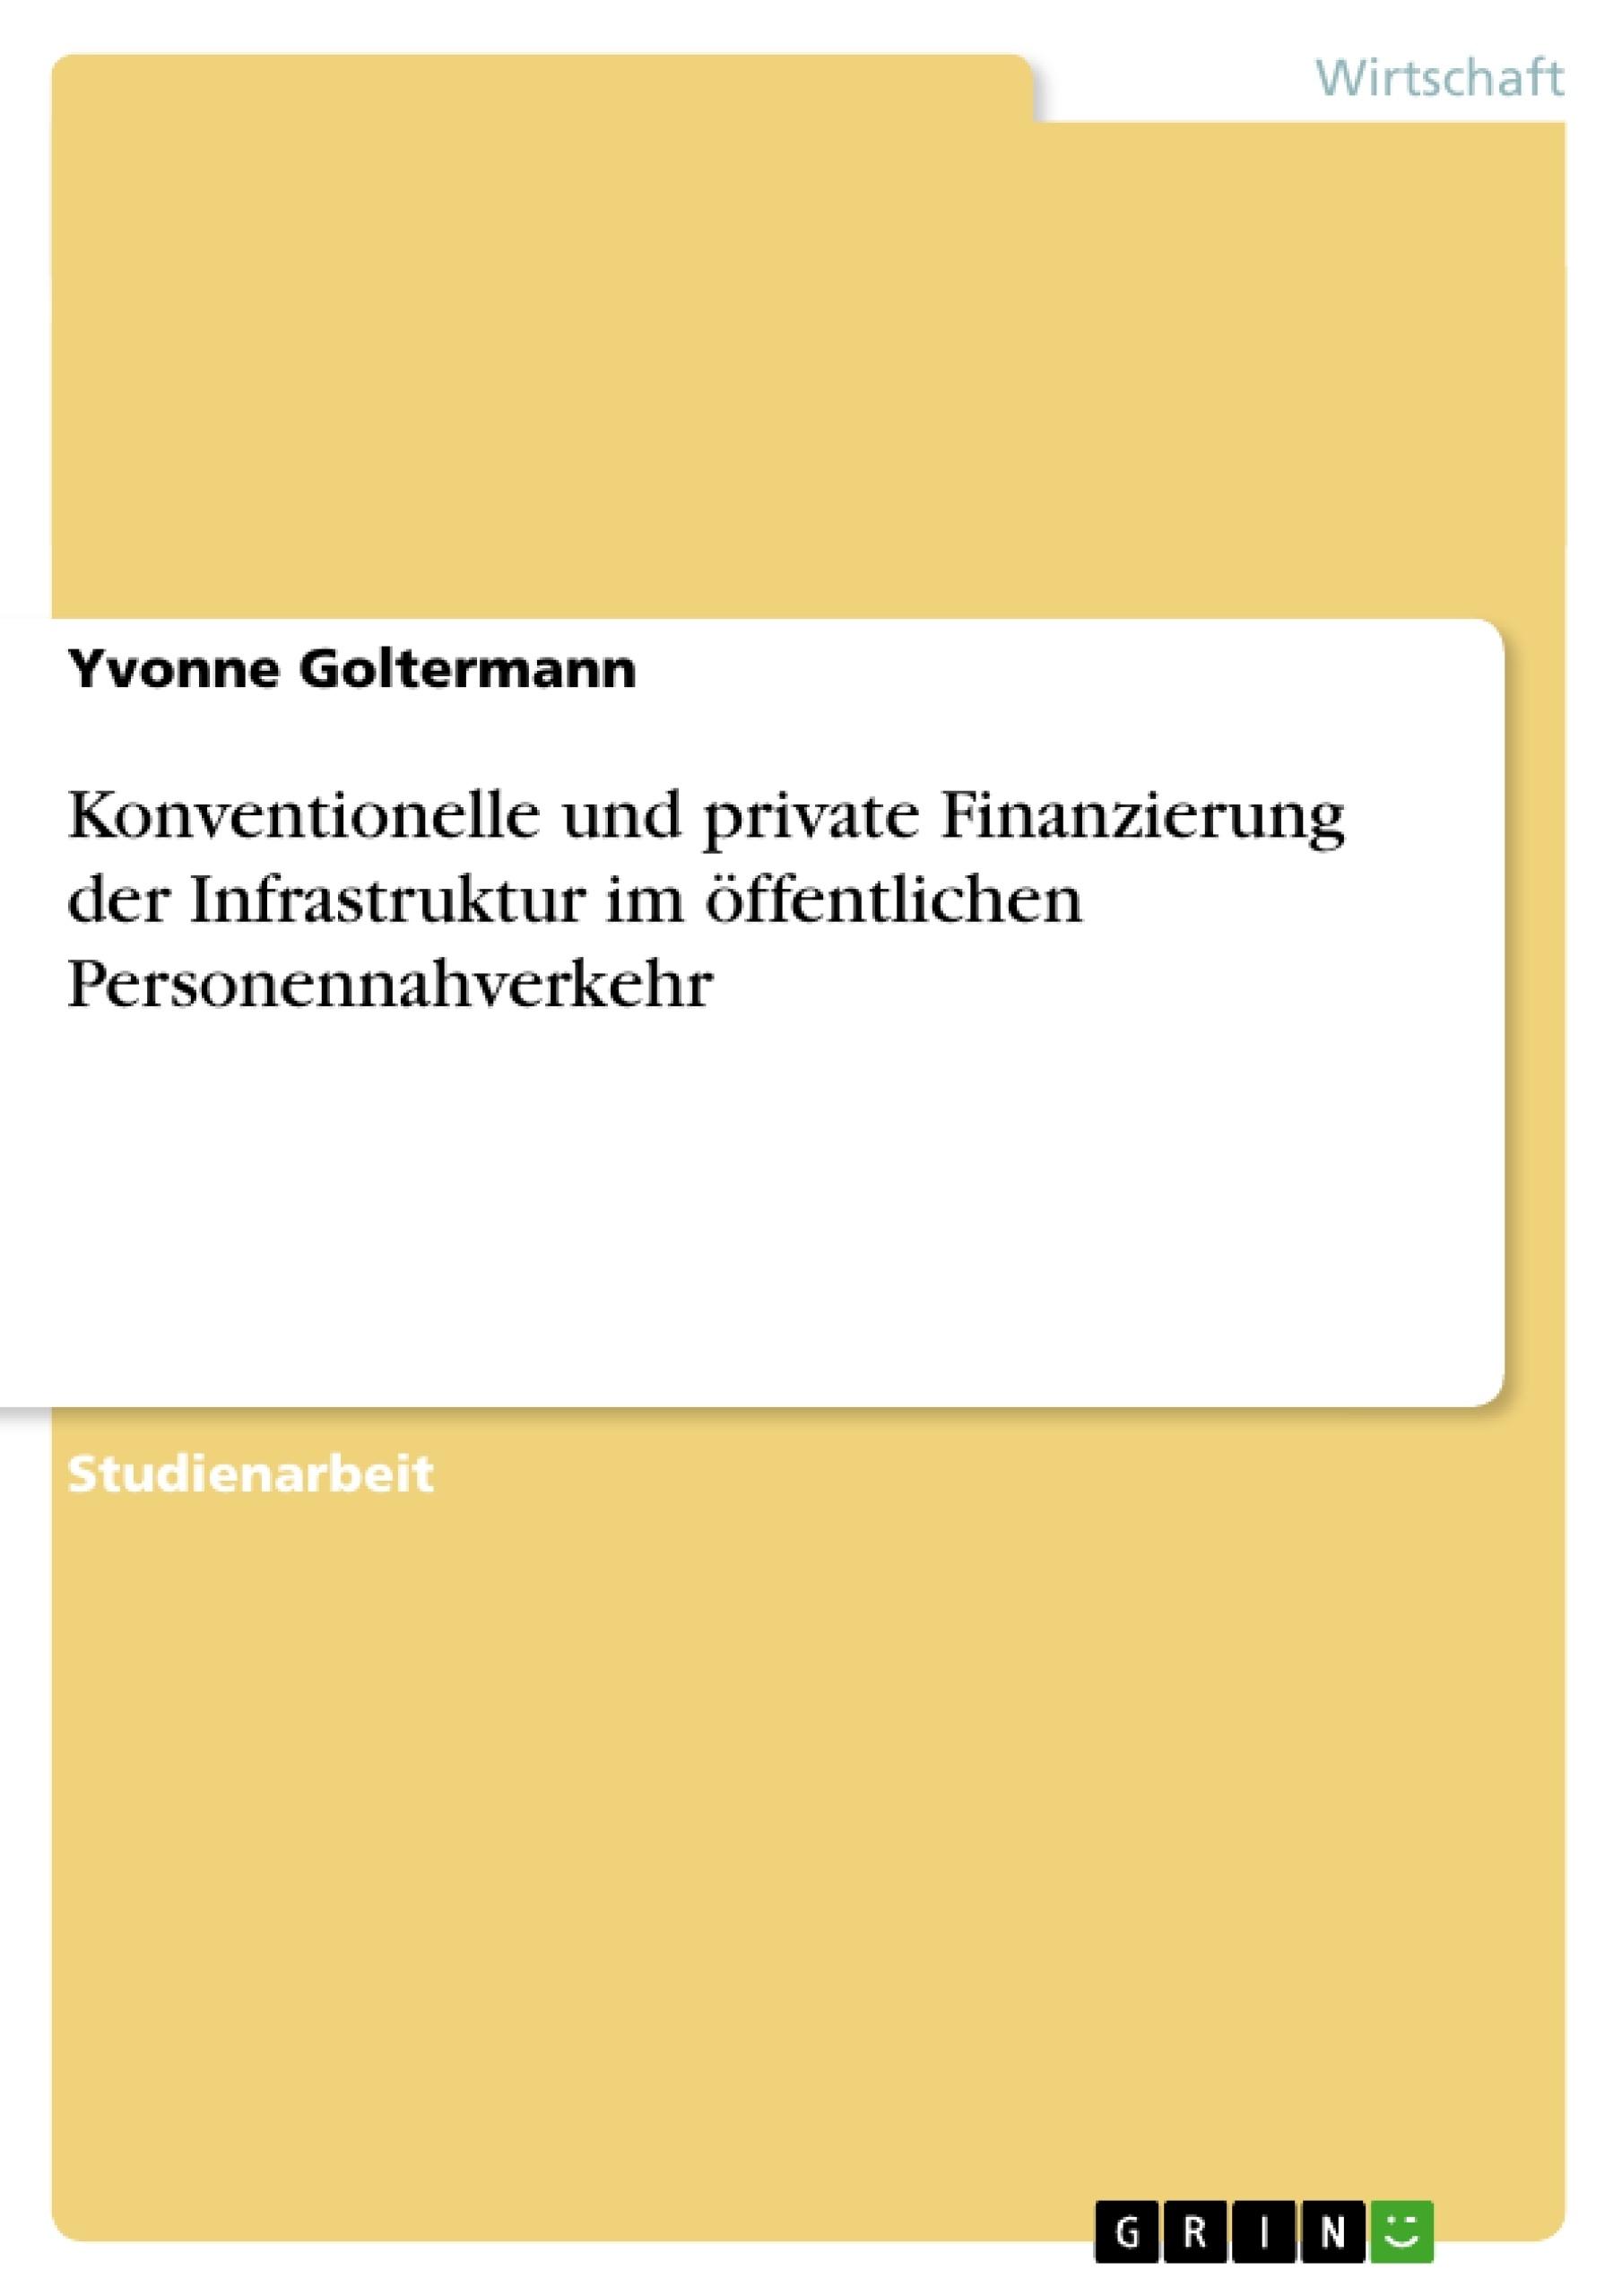 Titel: Konventionelle und private Finanzierung der Infrastruktur im öffentlichen Personennahverkehr